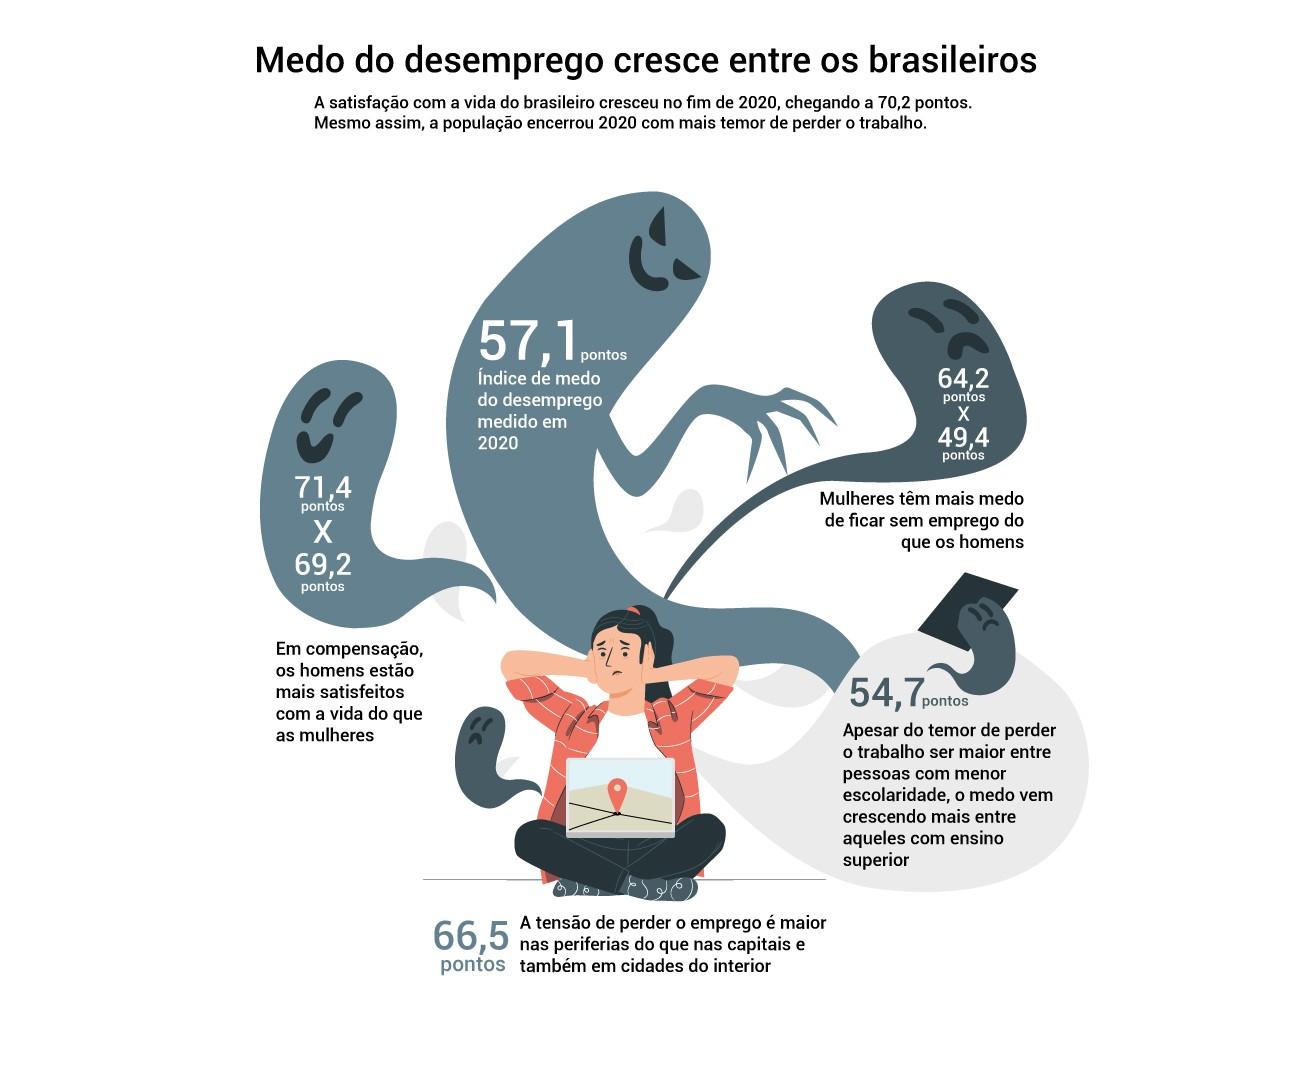 Infografia detalha números do Medo do Desemprego: mulheres e periferias estão com mais medo de ficar sem trabalho